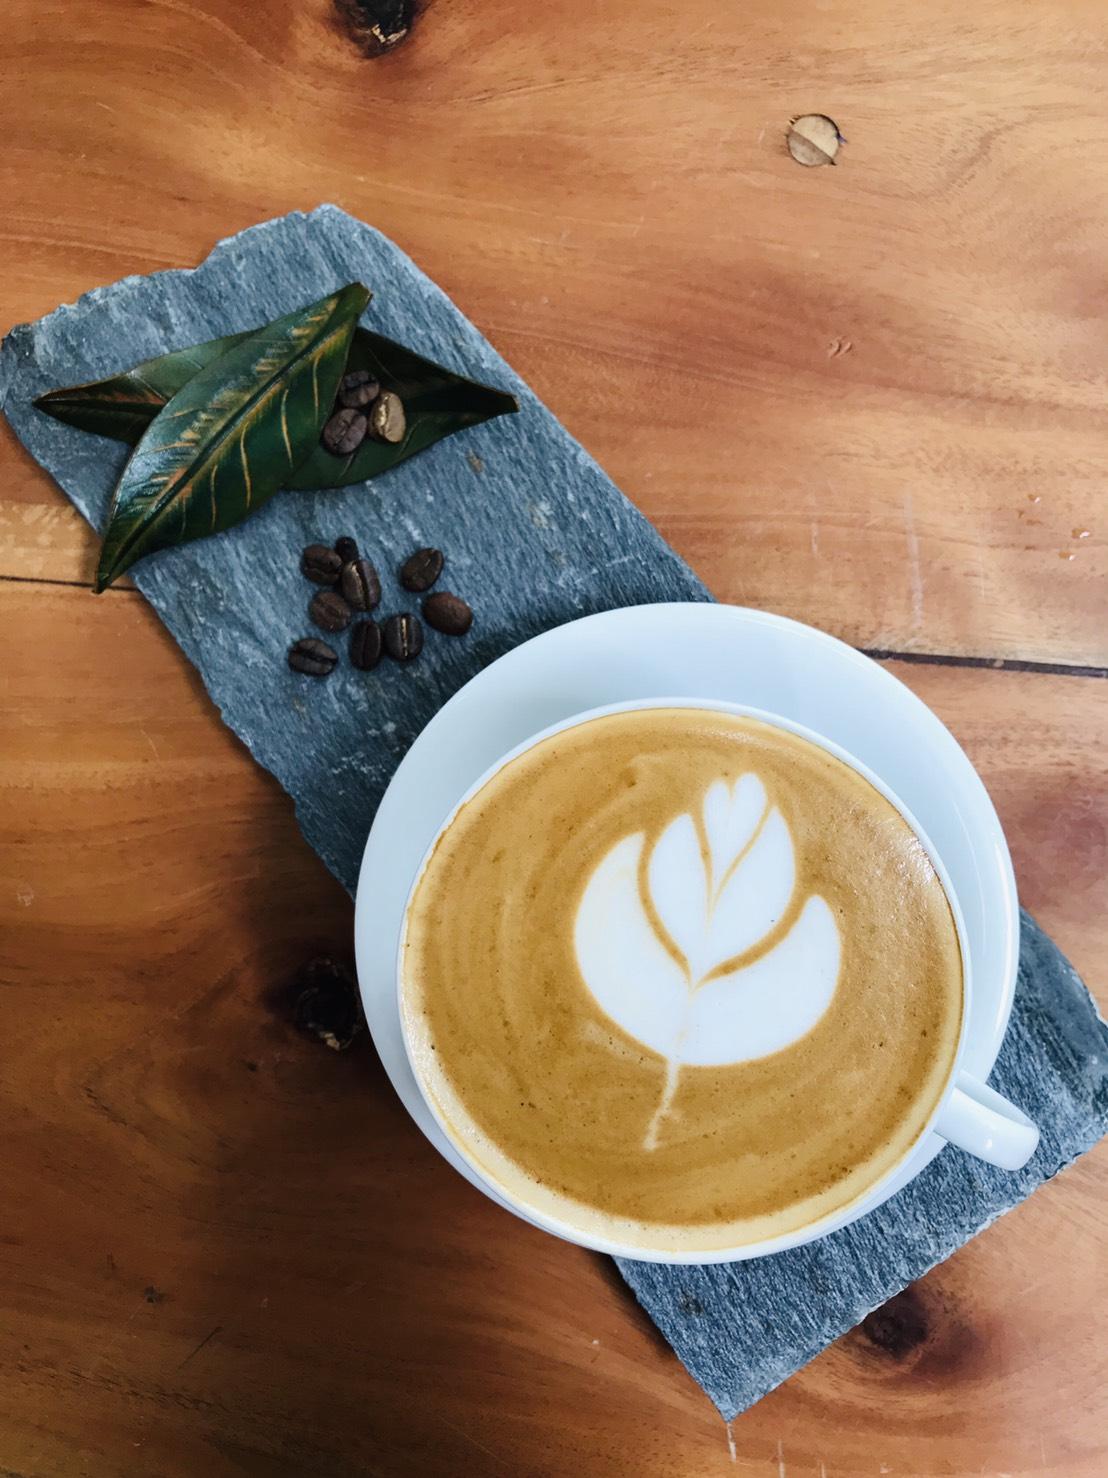 冰磚咖啡系列